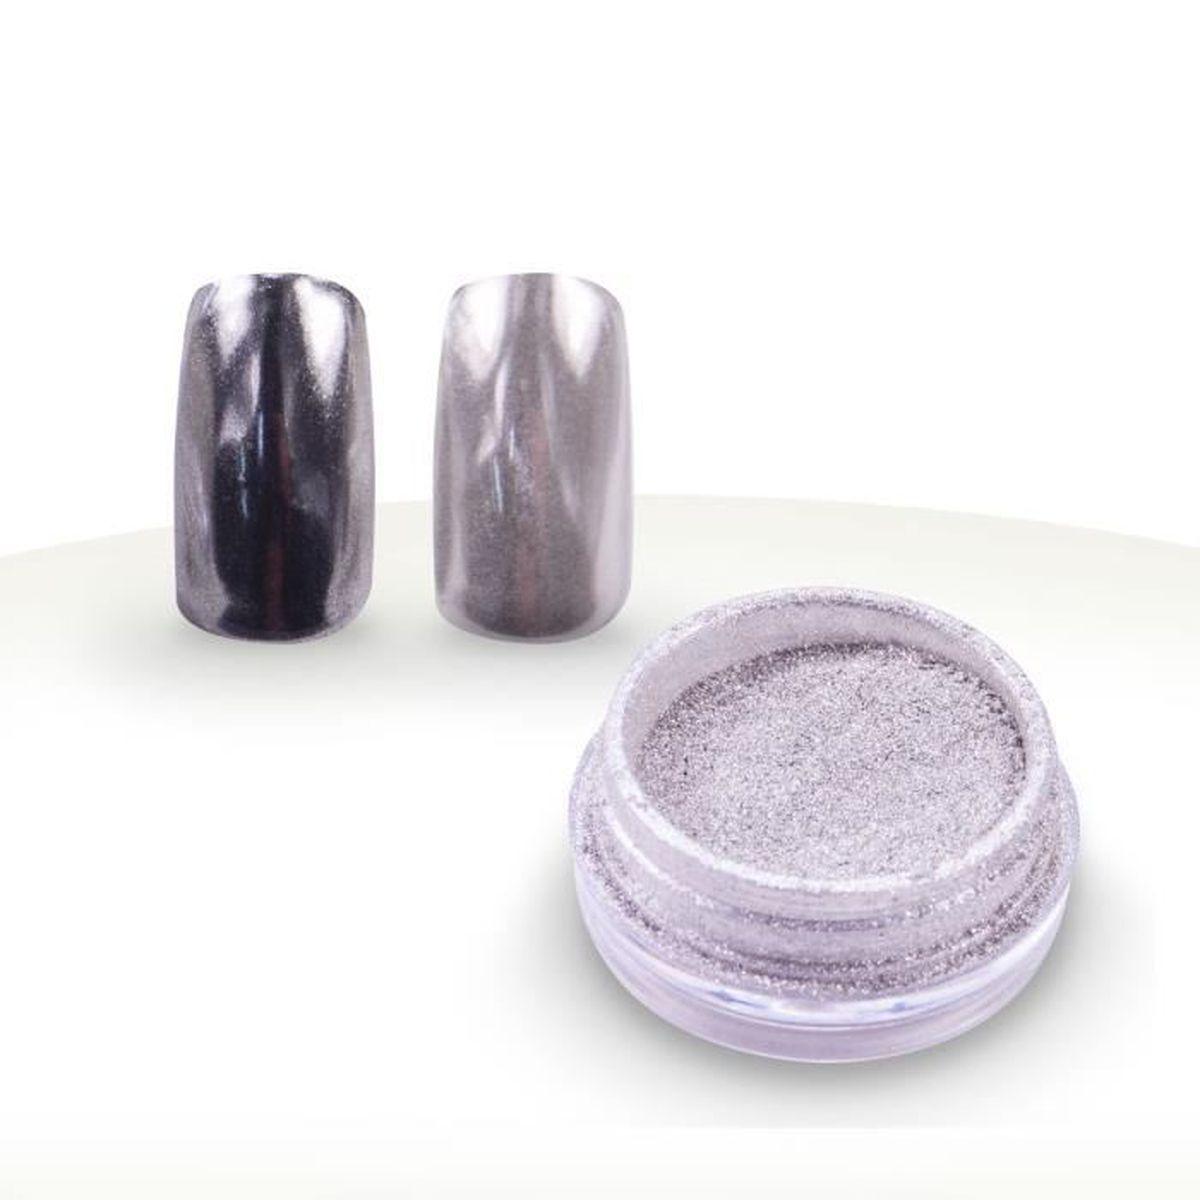 Poudre chrome effet mirroir 1g argent achat vente for Vernis miroir argent